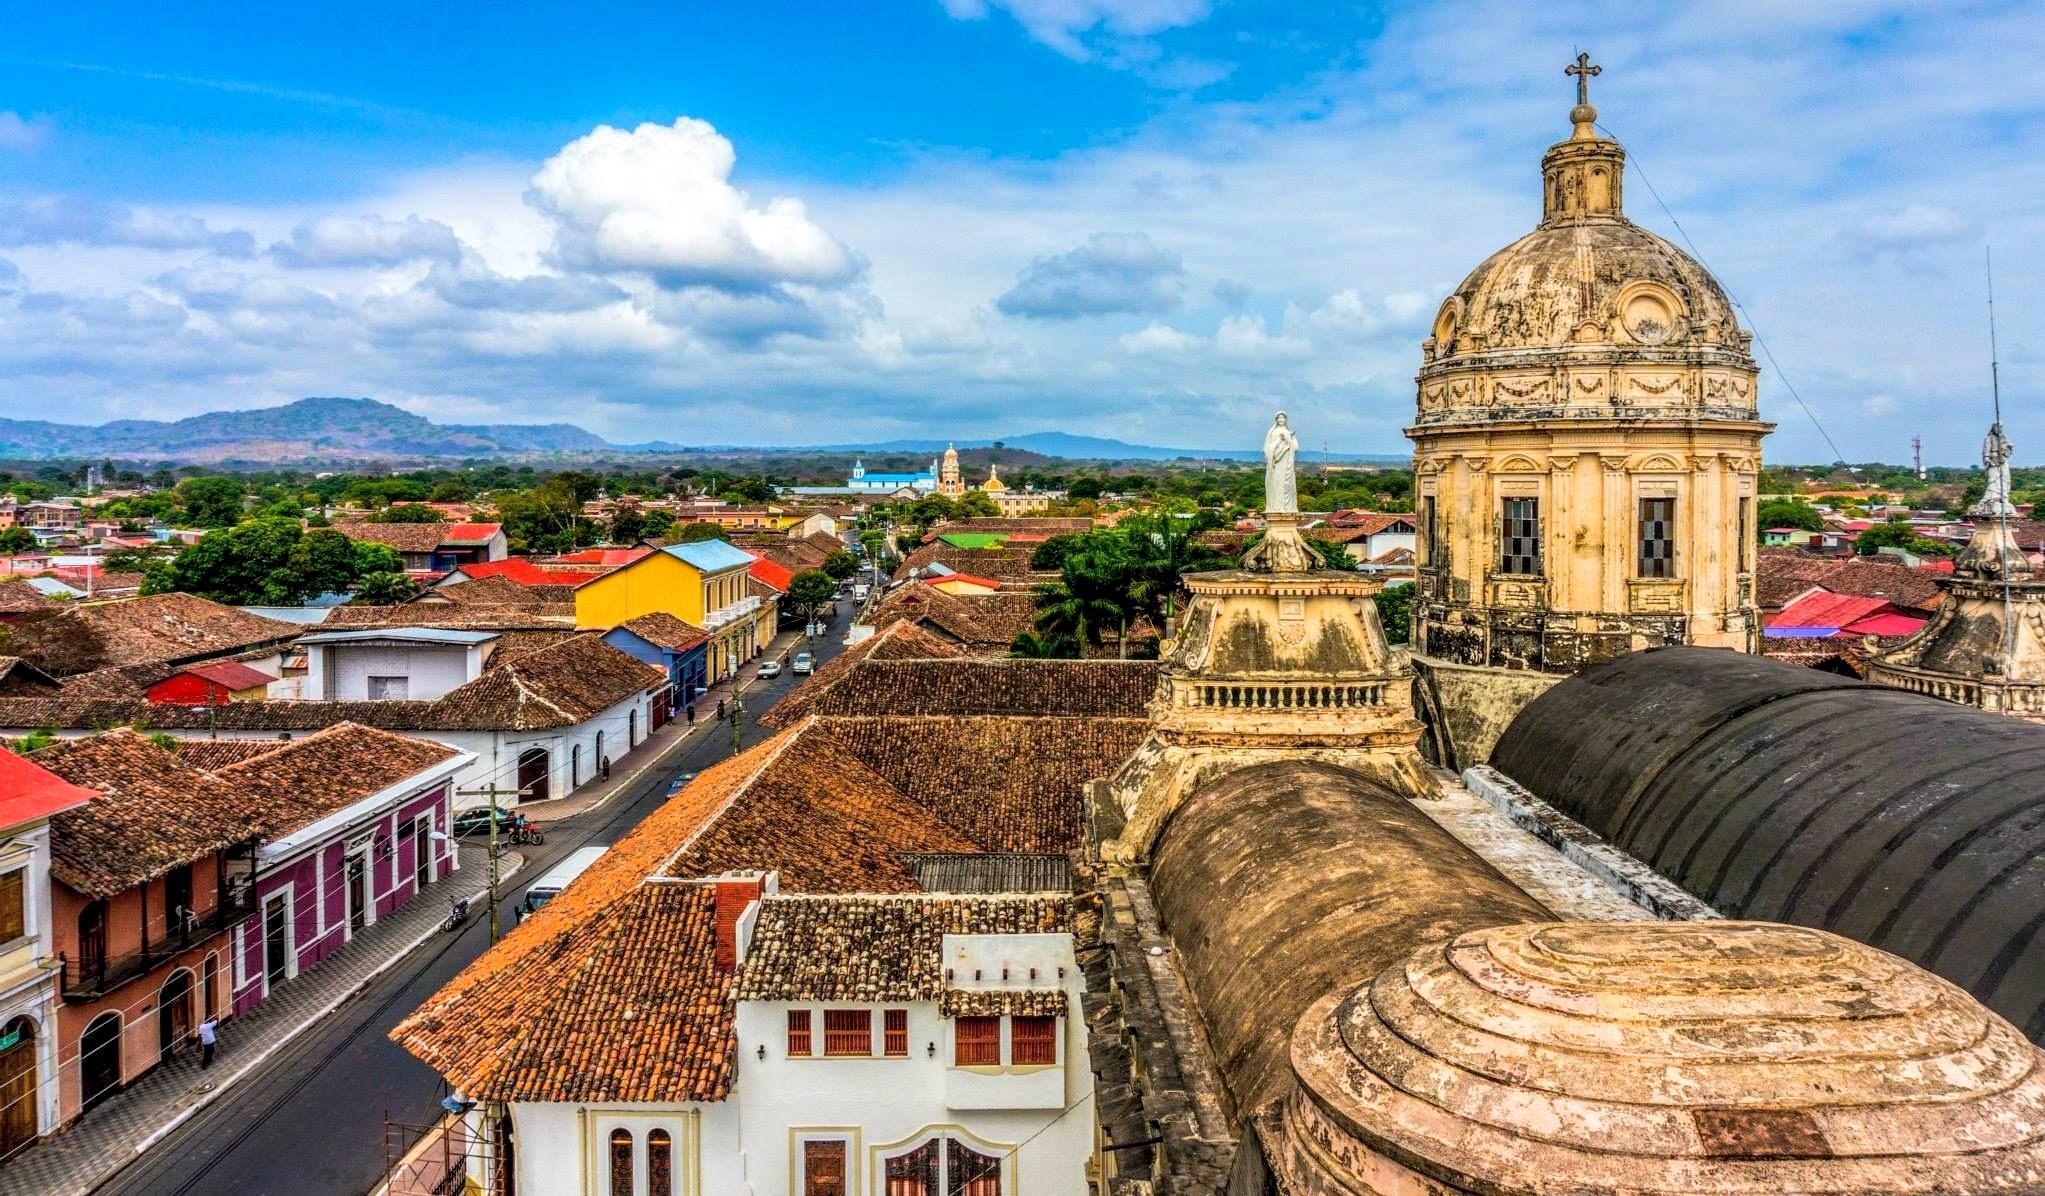 Archivo:Ciudad Granada.jpg - Wikipedia, la enciclopedia libre